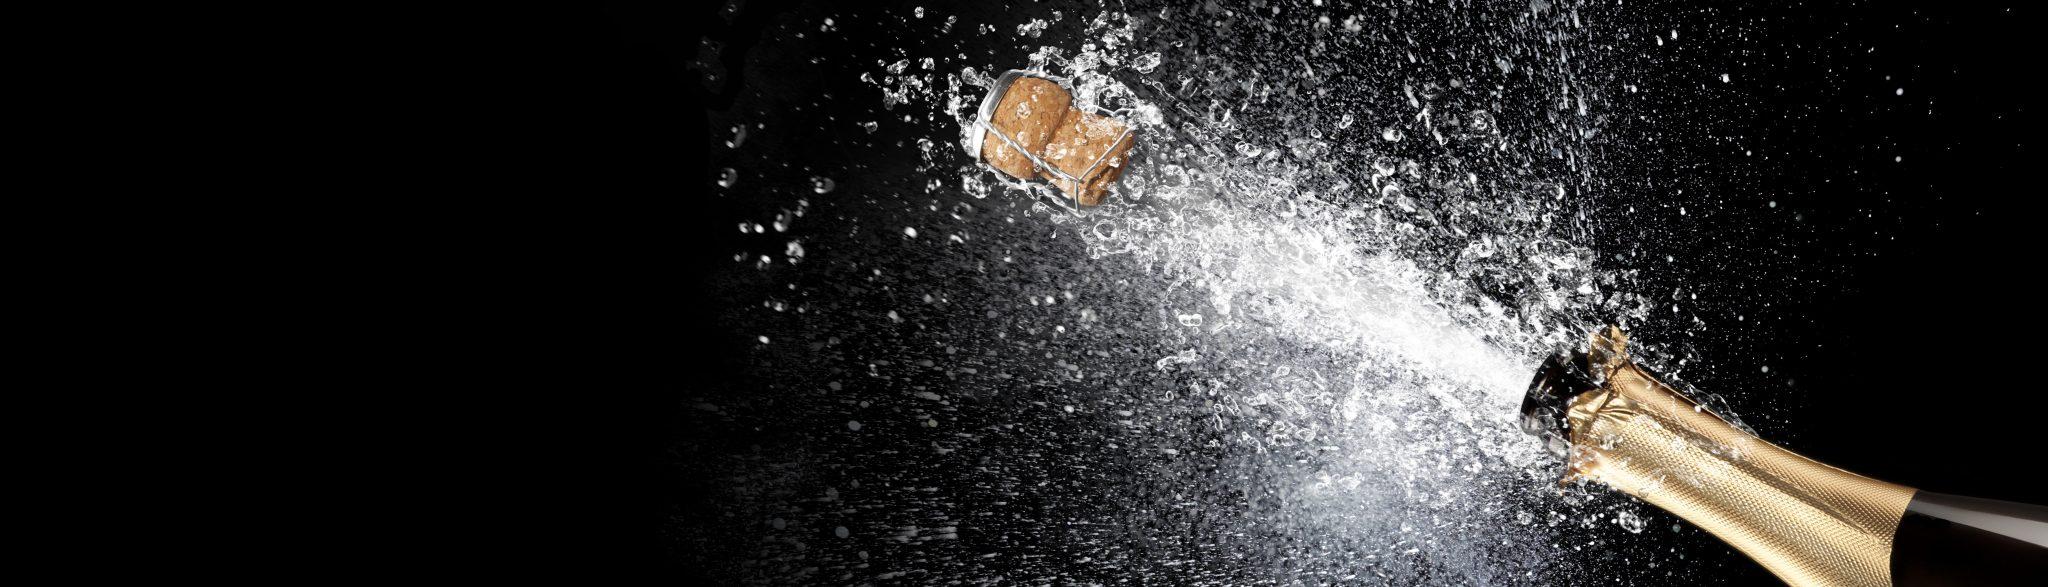 Champagnerflasche Korken fliegt